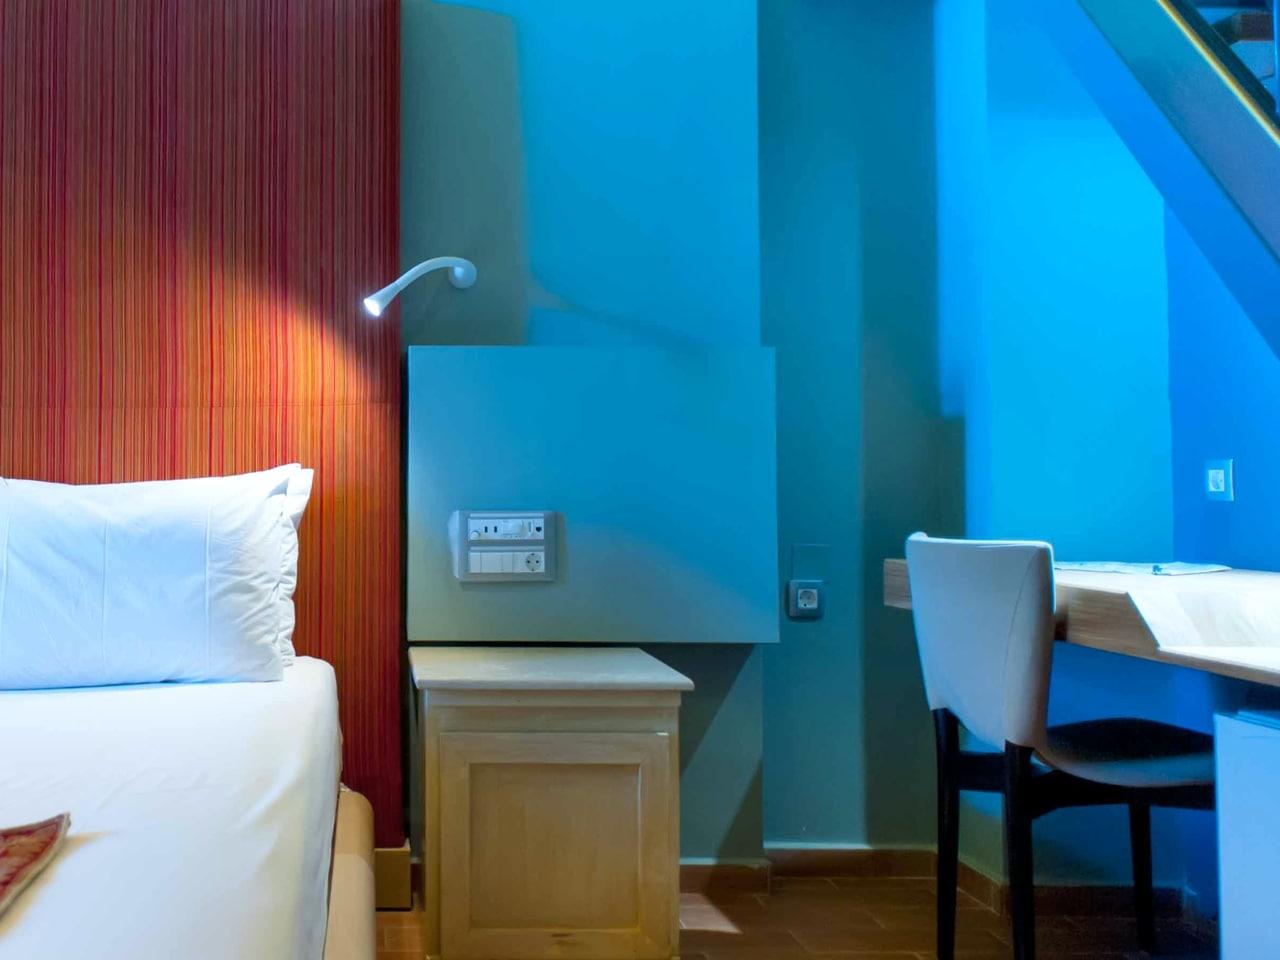 Splanzia Hotel At Re-discovered Splanzia Area of Chania - Crete